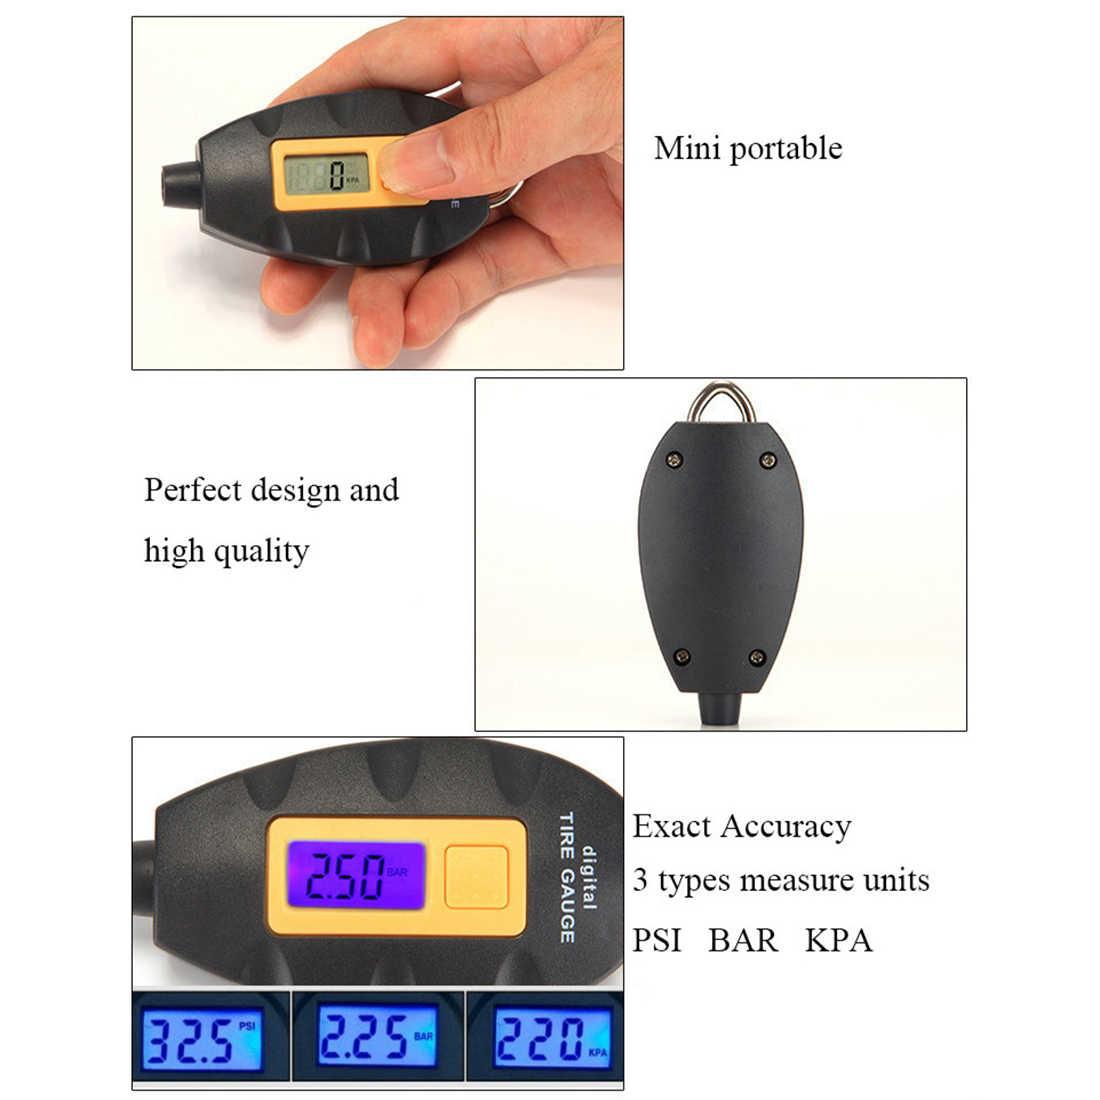 New LED Backlight Wheel Tire Tyre Air Pressure Gauge Tester Digital Auto  Meter Tool Vehicle Motorcycle Car 3-100 PSI KPA BAR